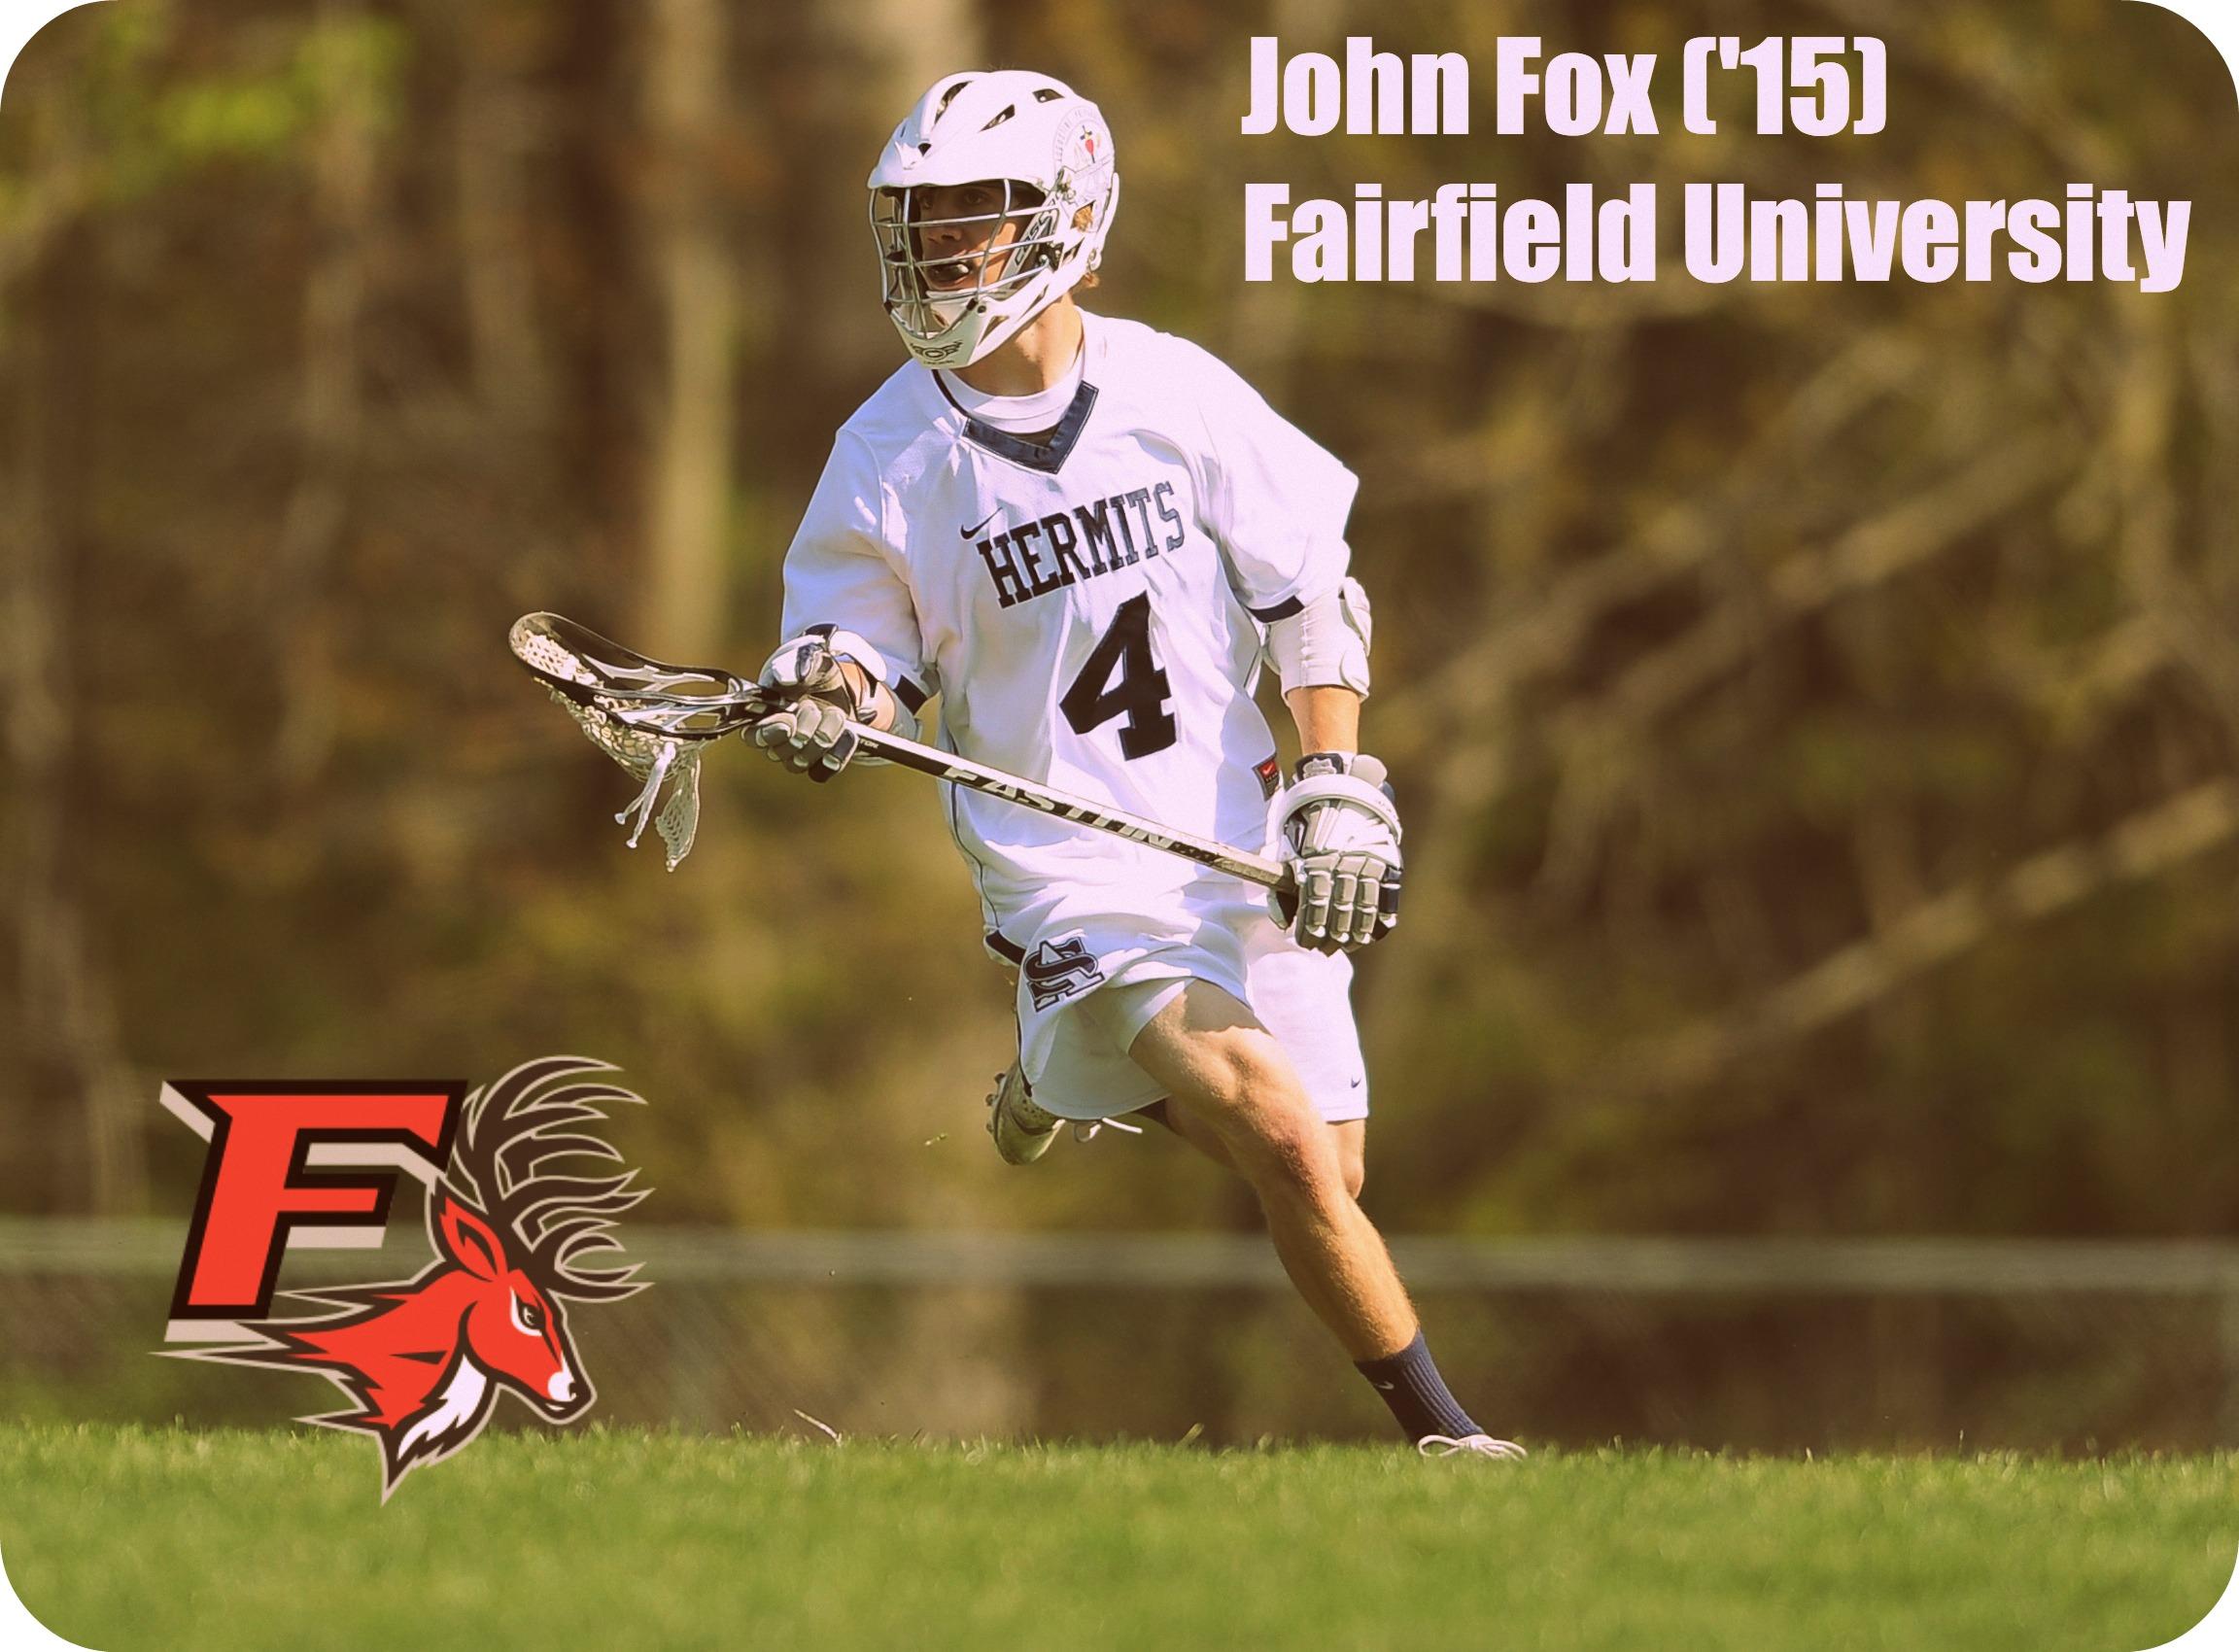 Fox Fairfield23.jpg